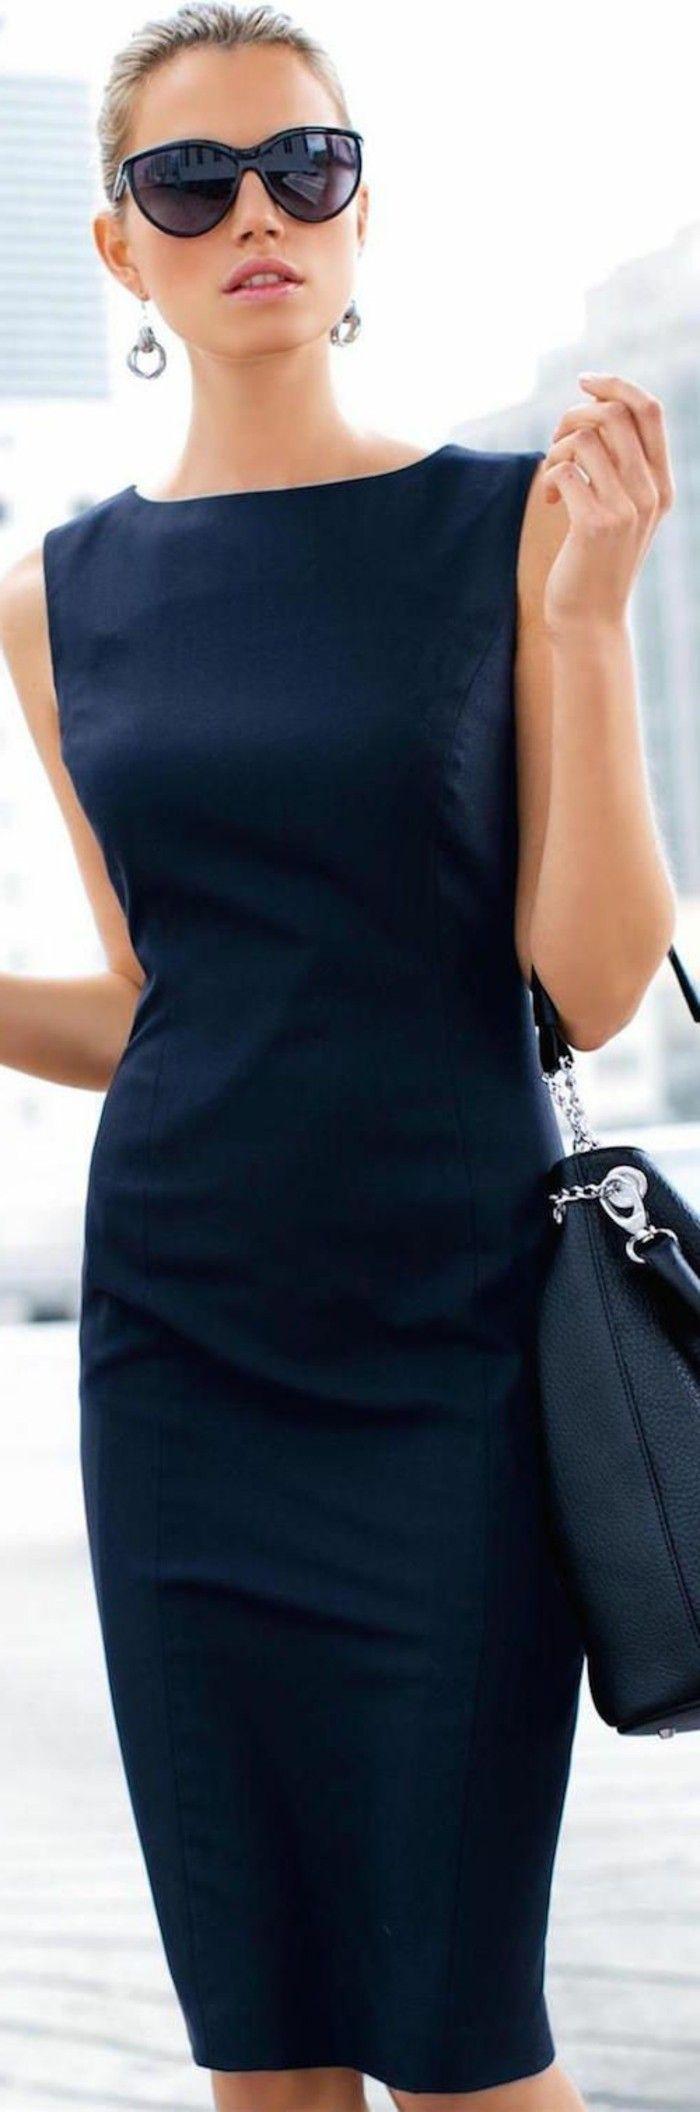 5 business kleider etuikleider elegant schwarzes kleid schwarze tasche grose schwarze sonnenbrille